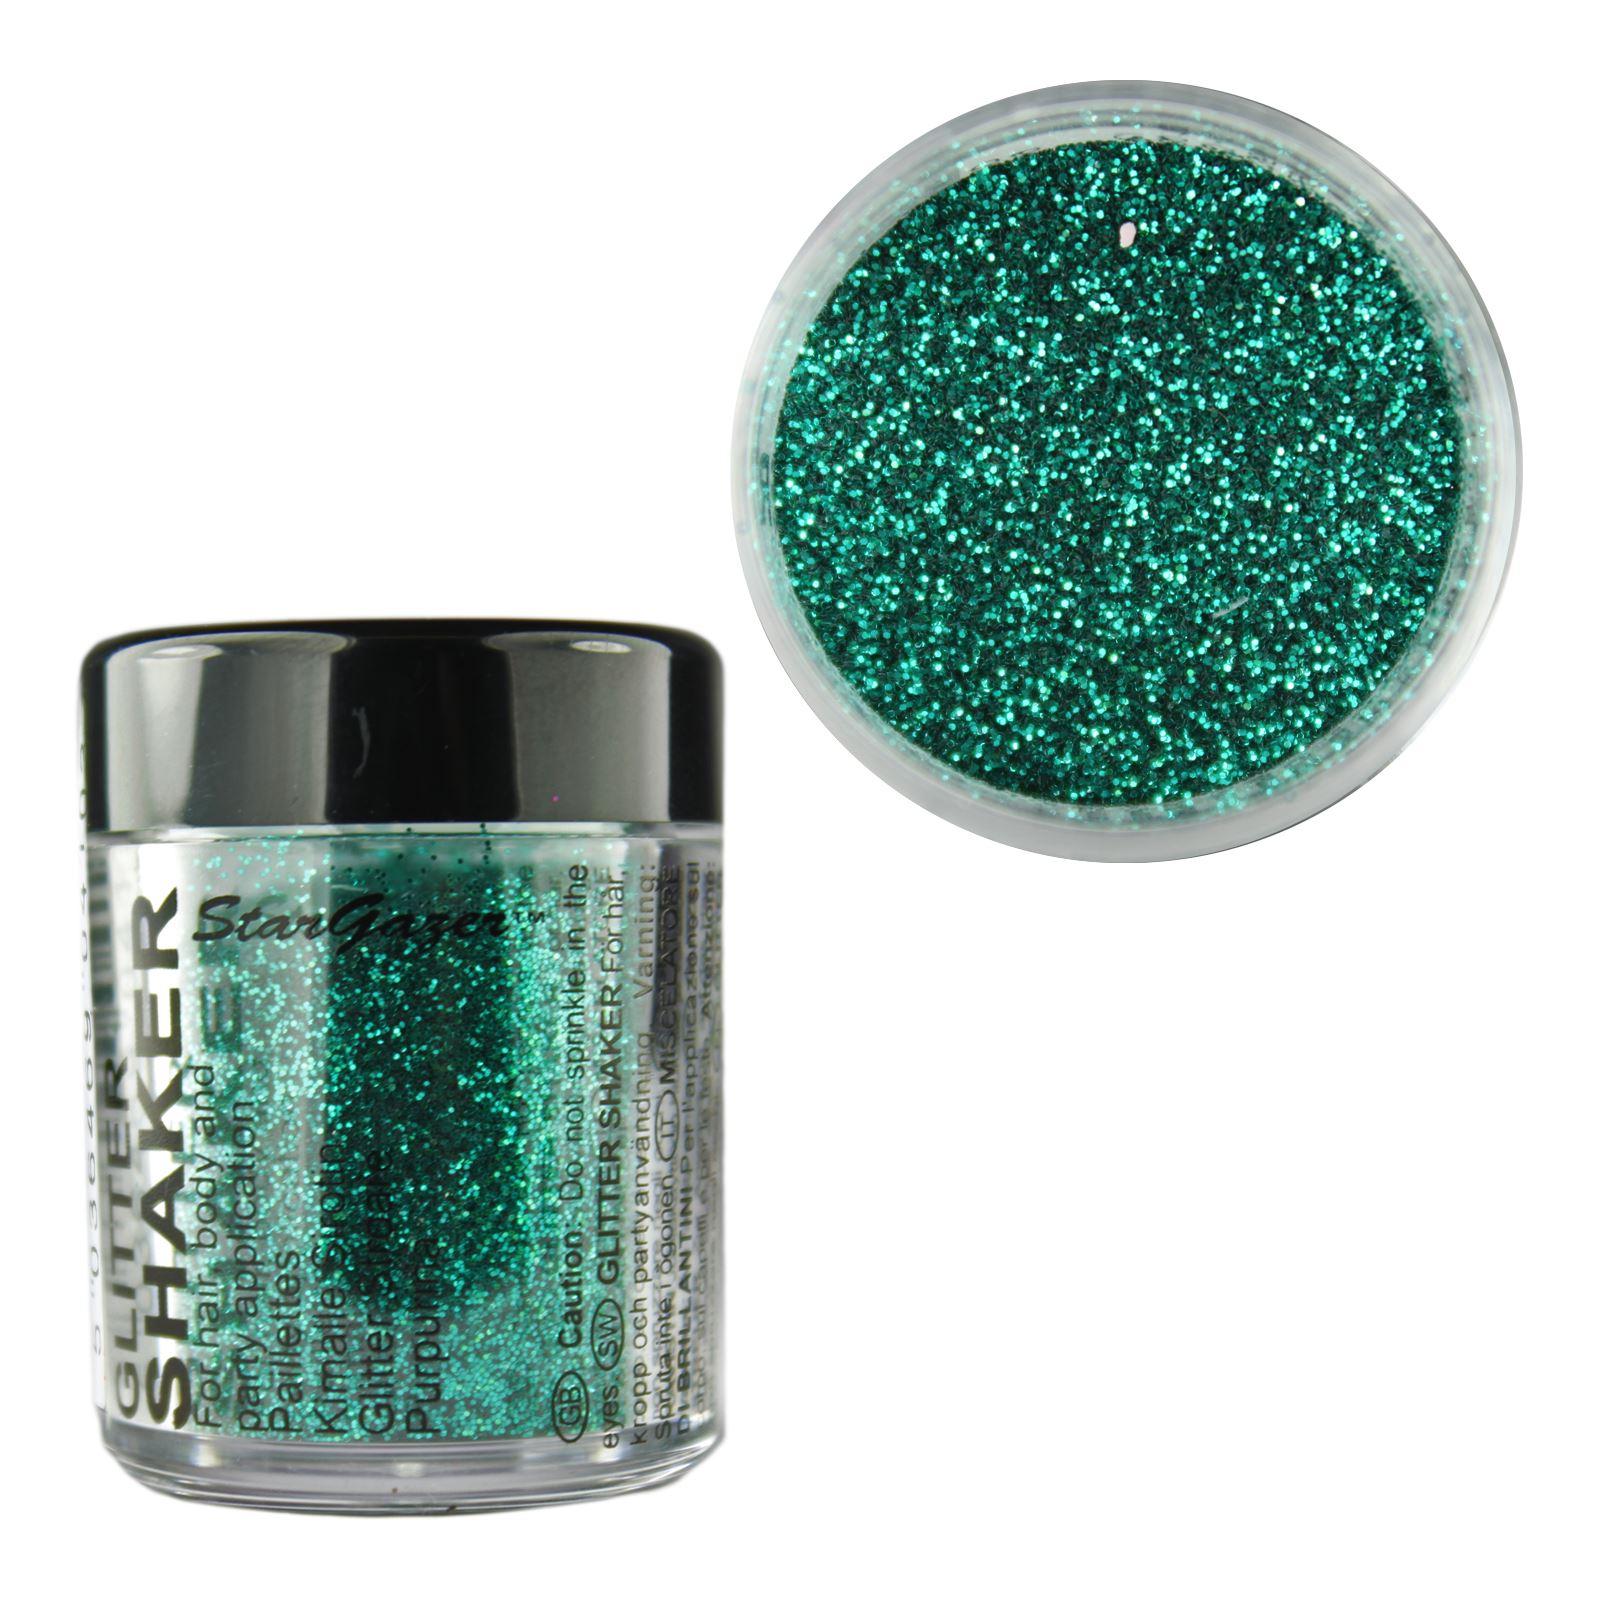 Stargazer Cosmetic Eye Glitter Eyeshadow Shaker Glitter Lips Body ...